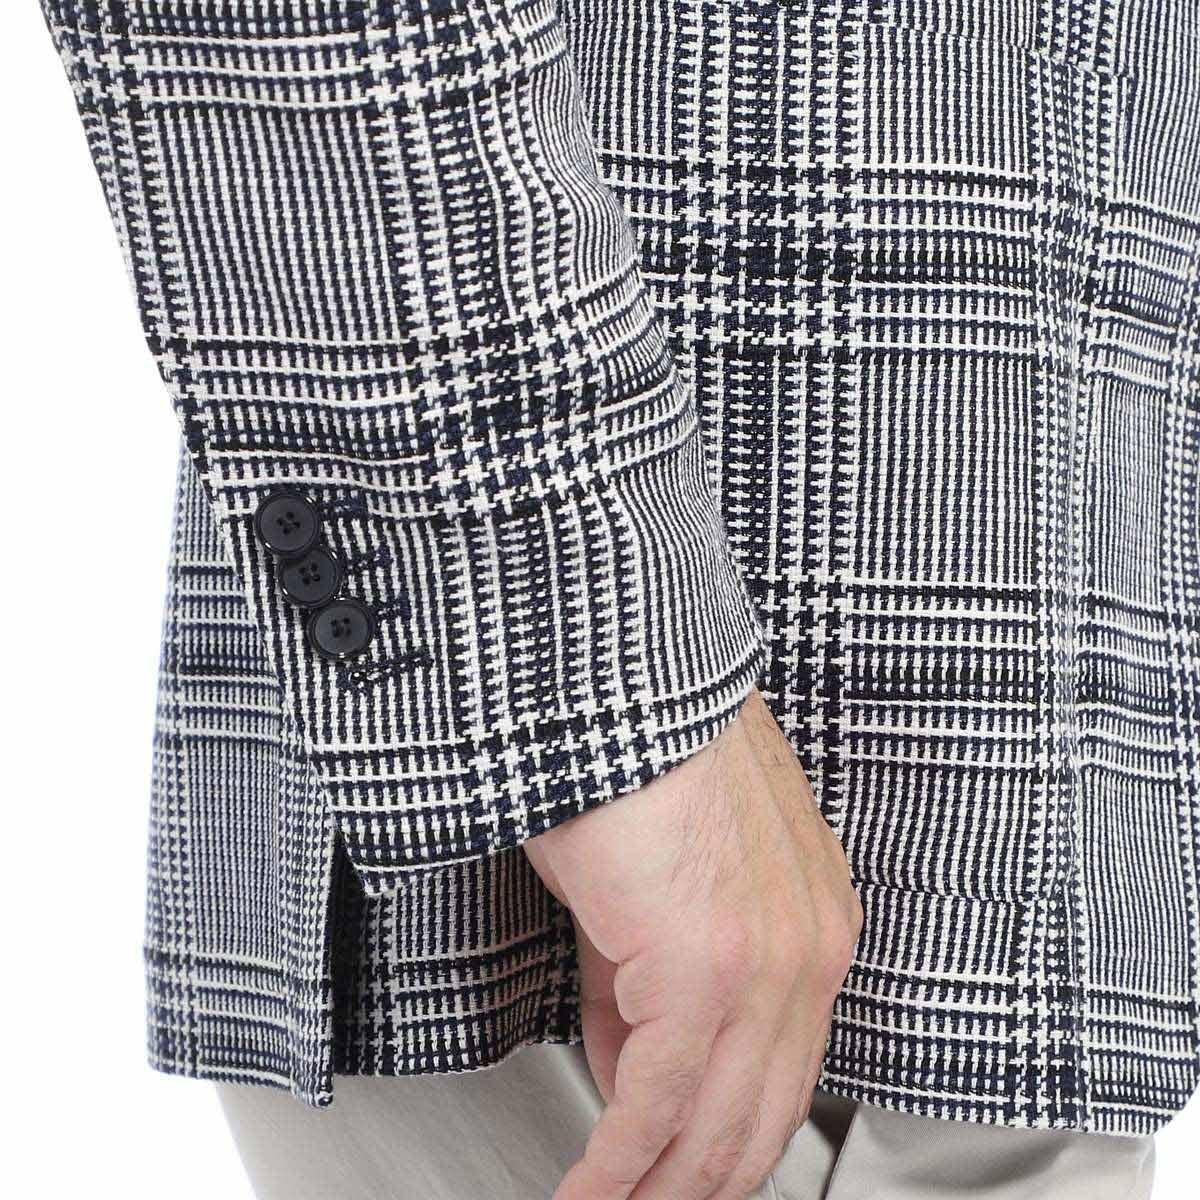 【アウトレット】TAGLIATORE タリアトーレ 2つボタン シングルジャケット/DAKER ダカール【大きいサイズあり】 メンズ